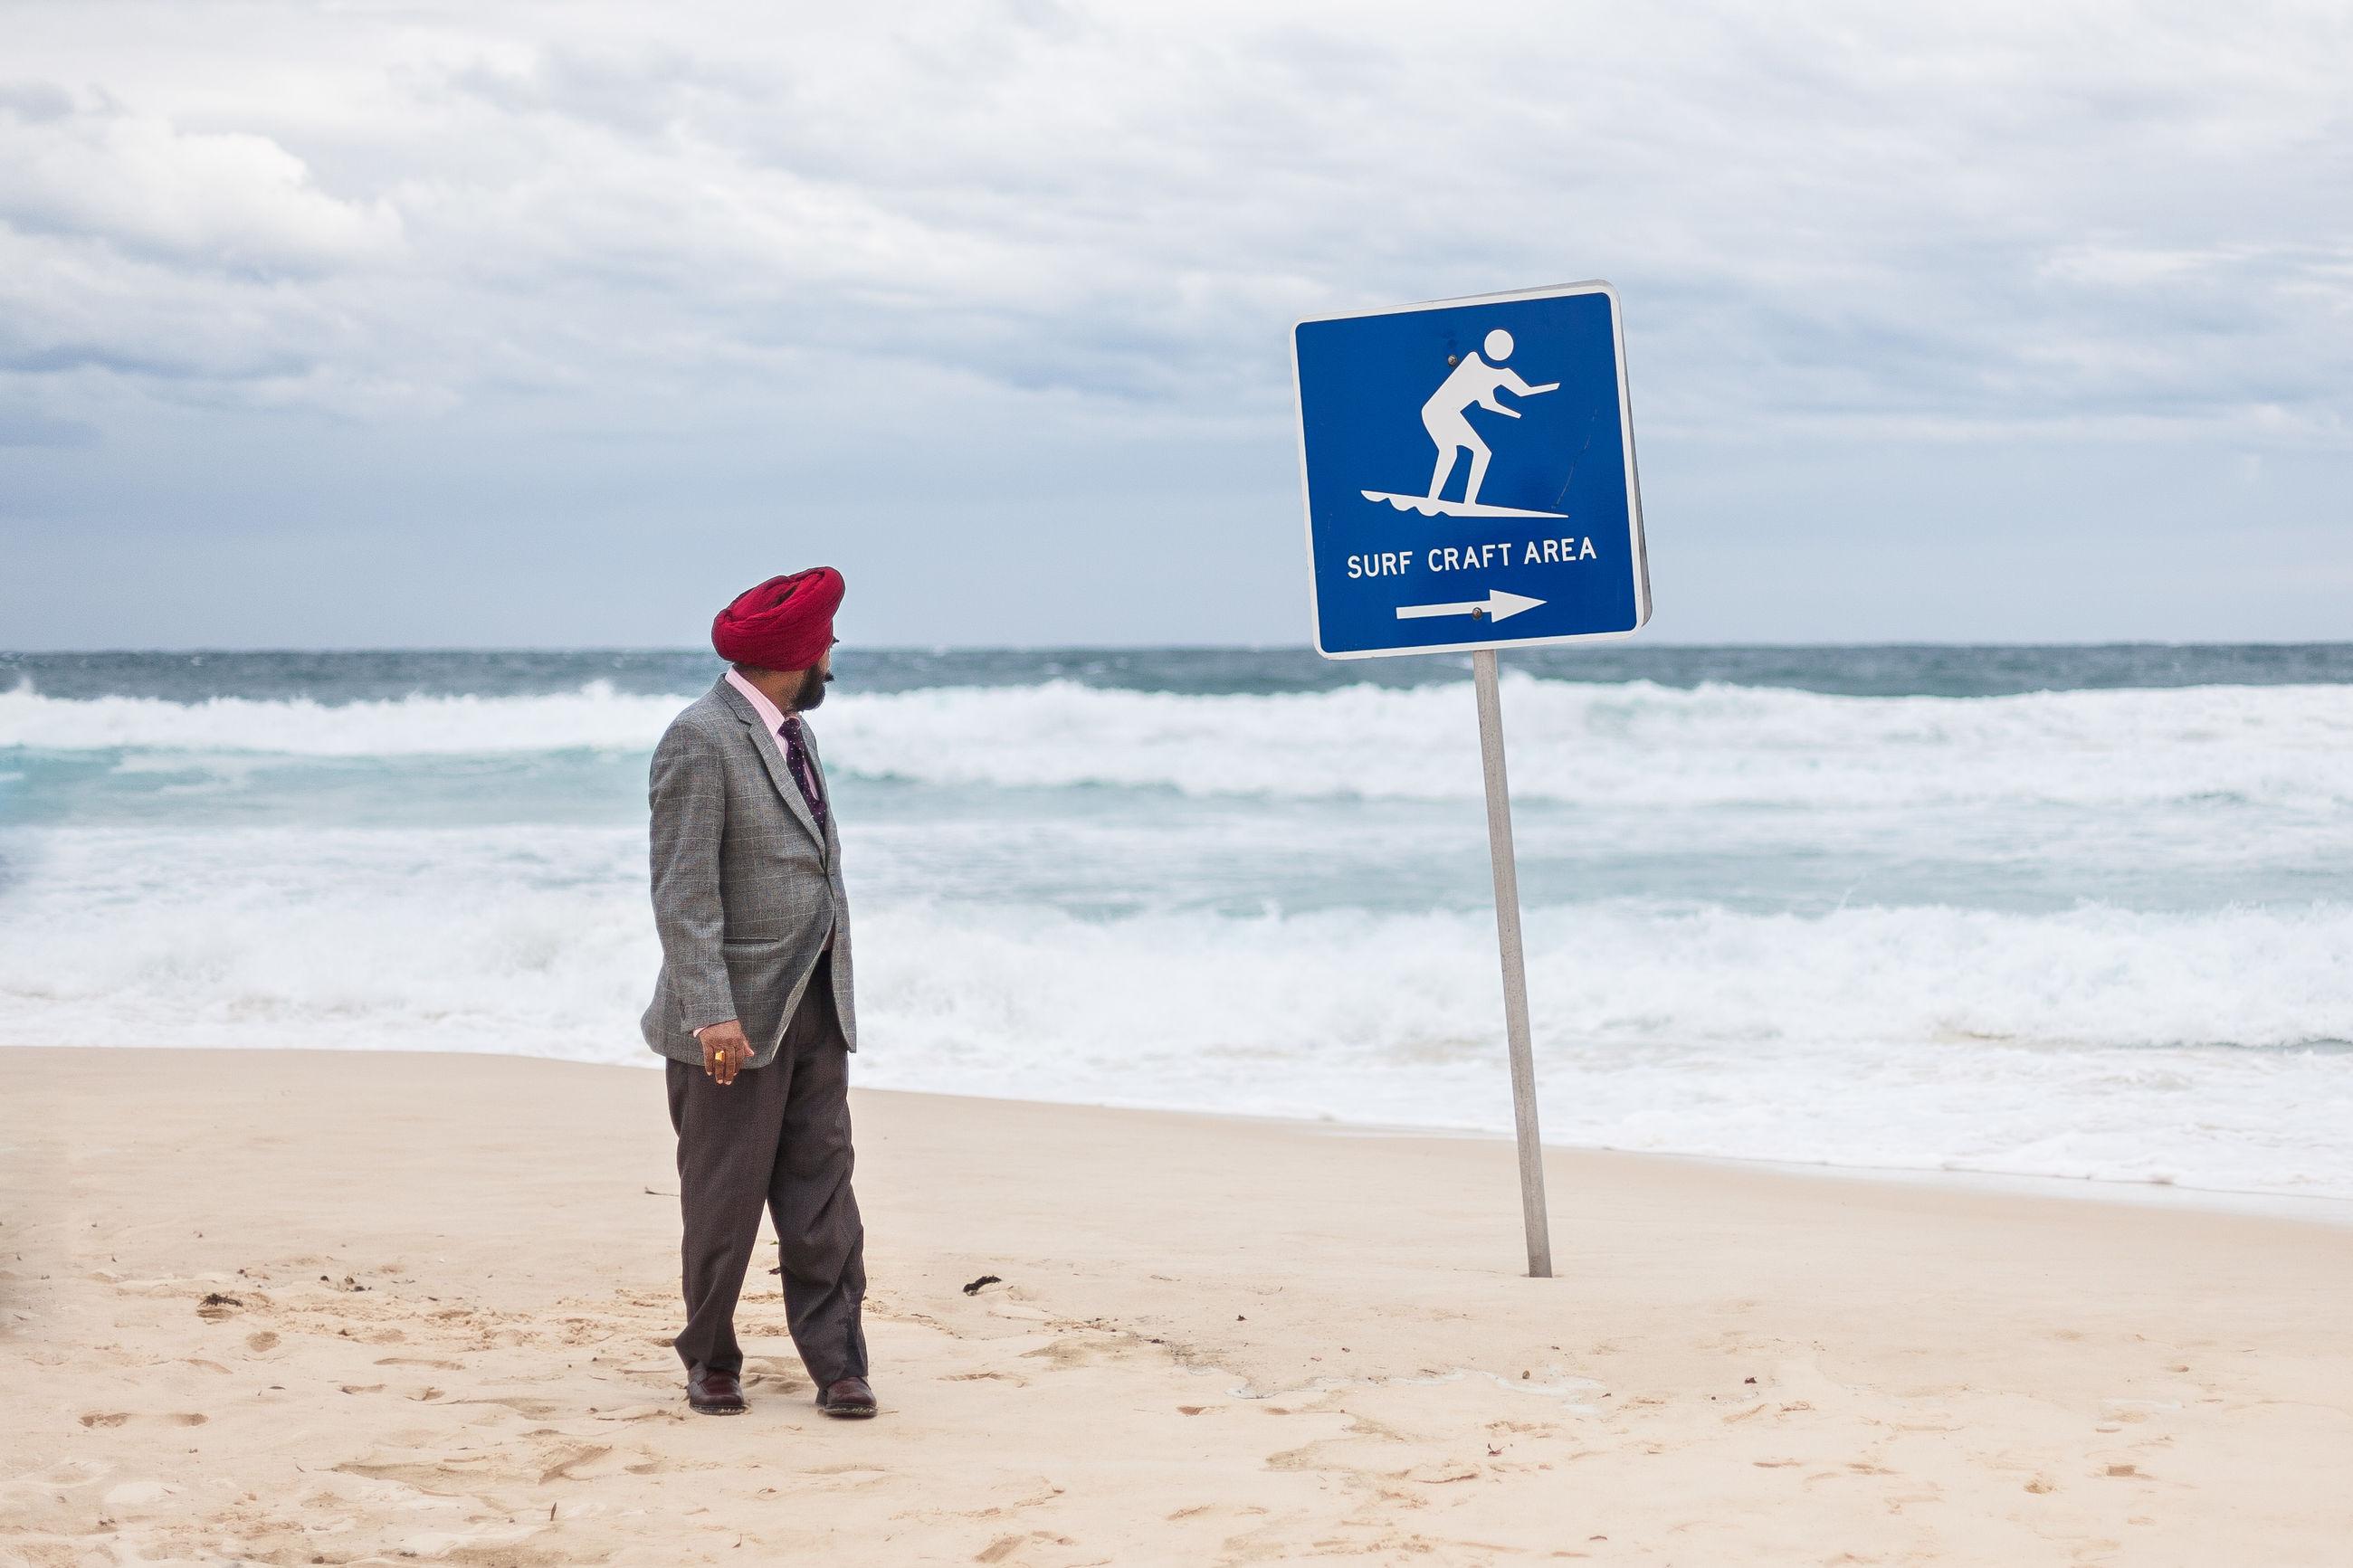 FULL LENGTH OF A MAN ON BEACH